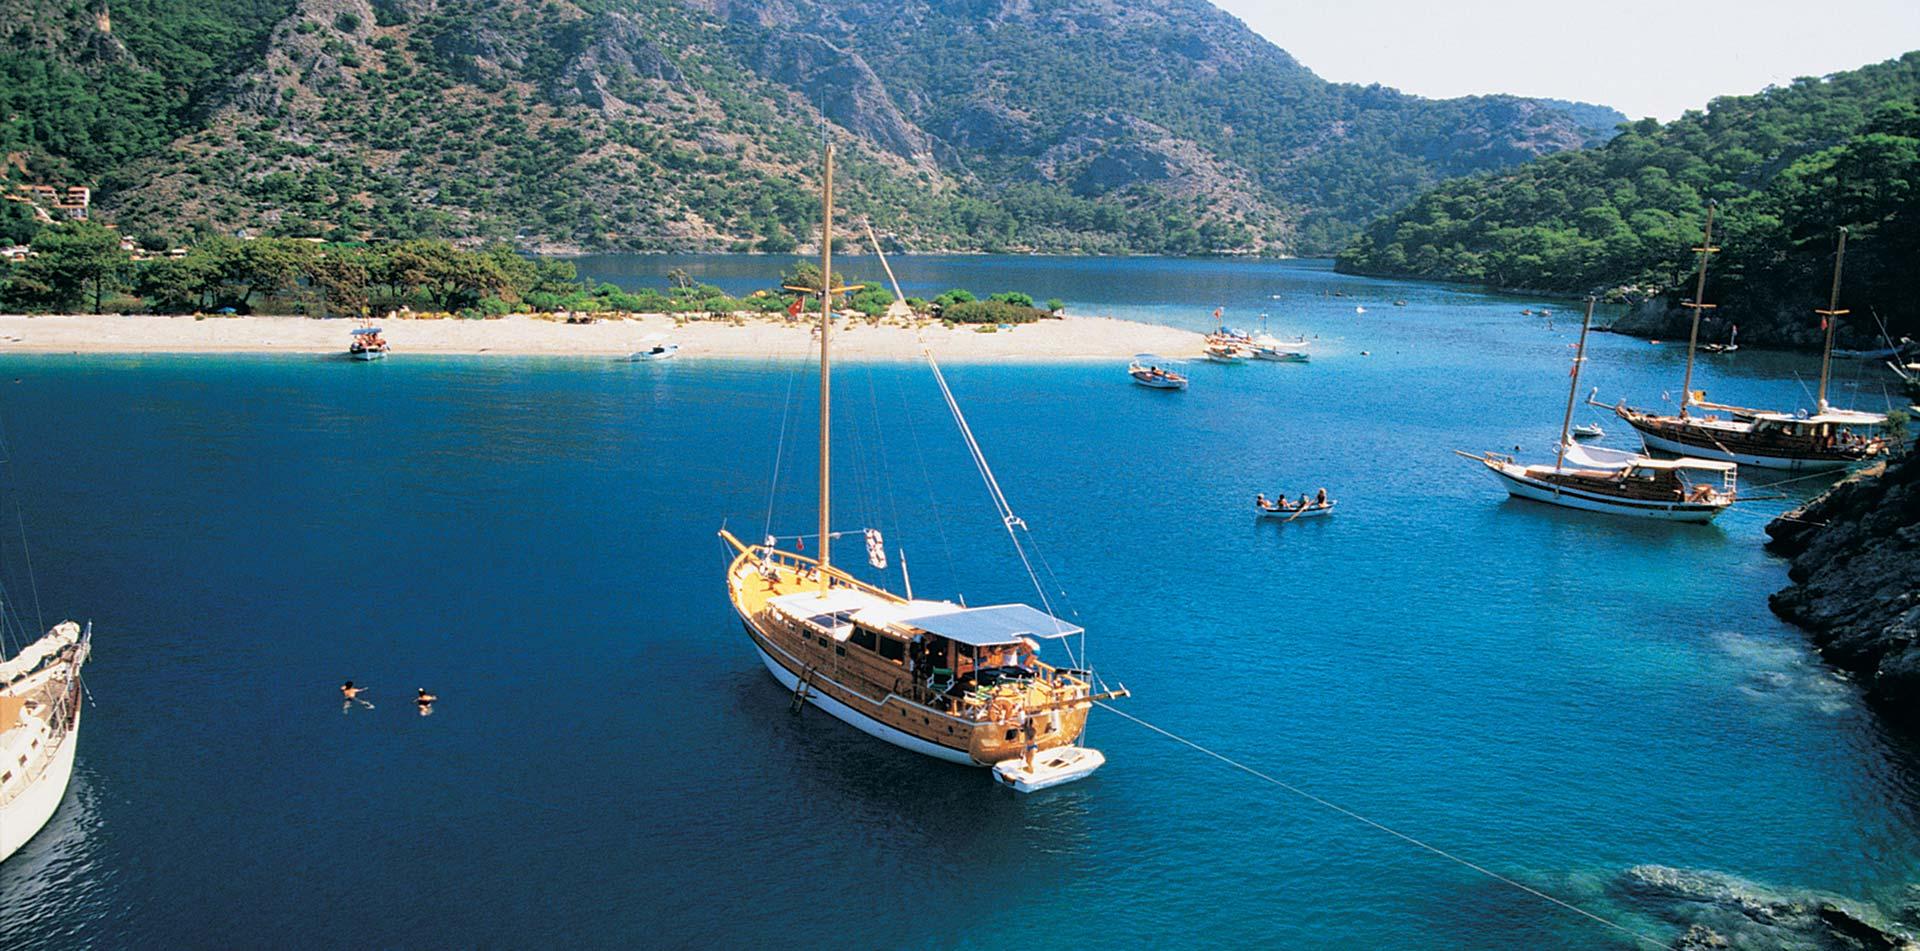 Gulet on the Water, Turkey